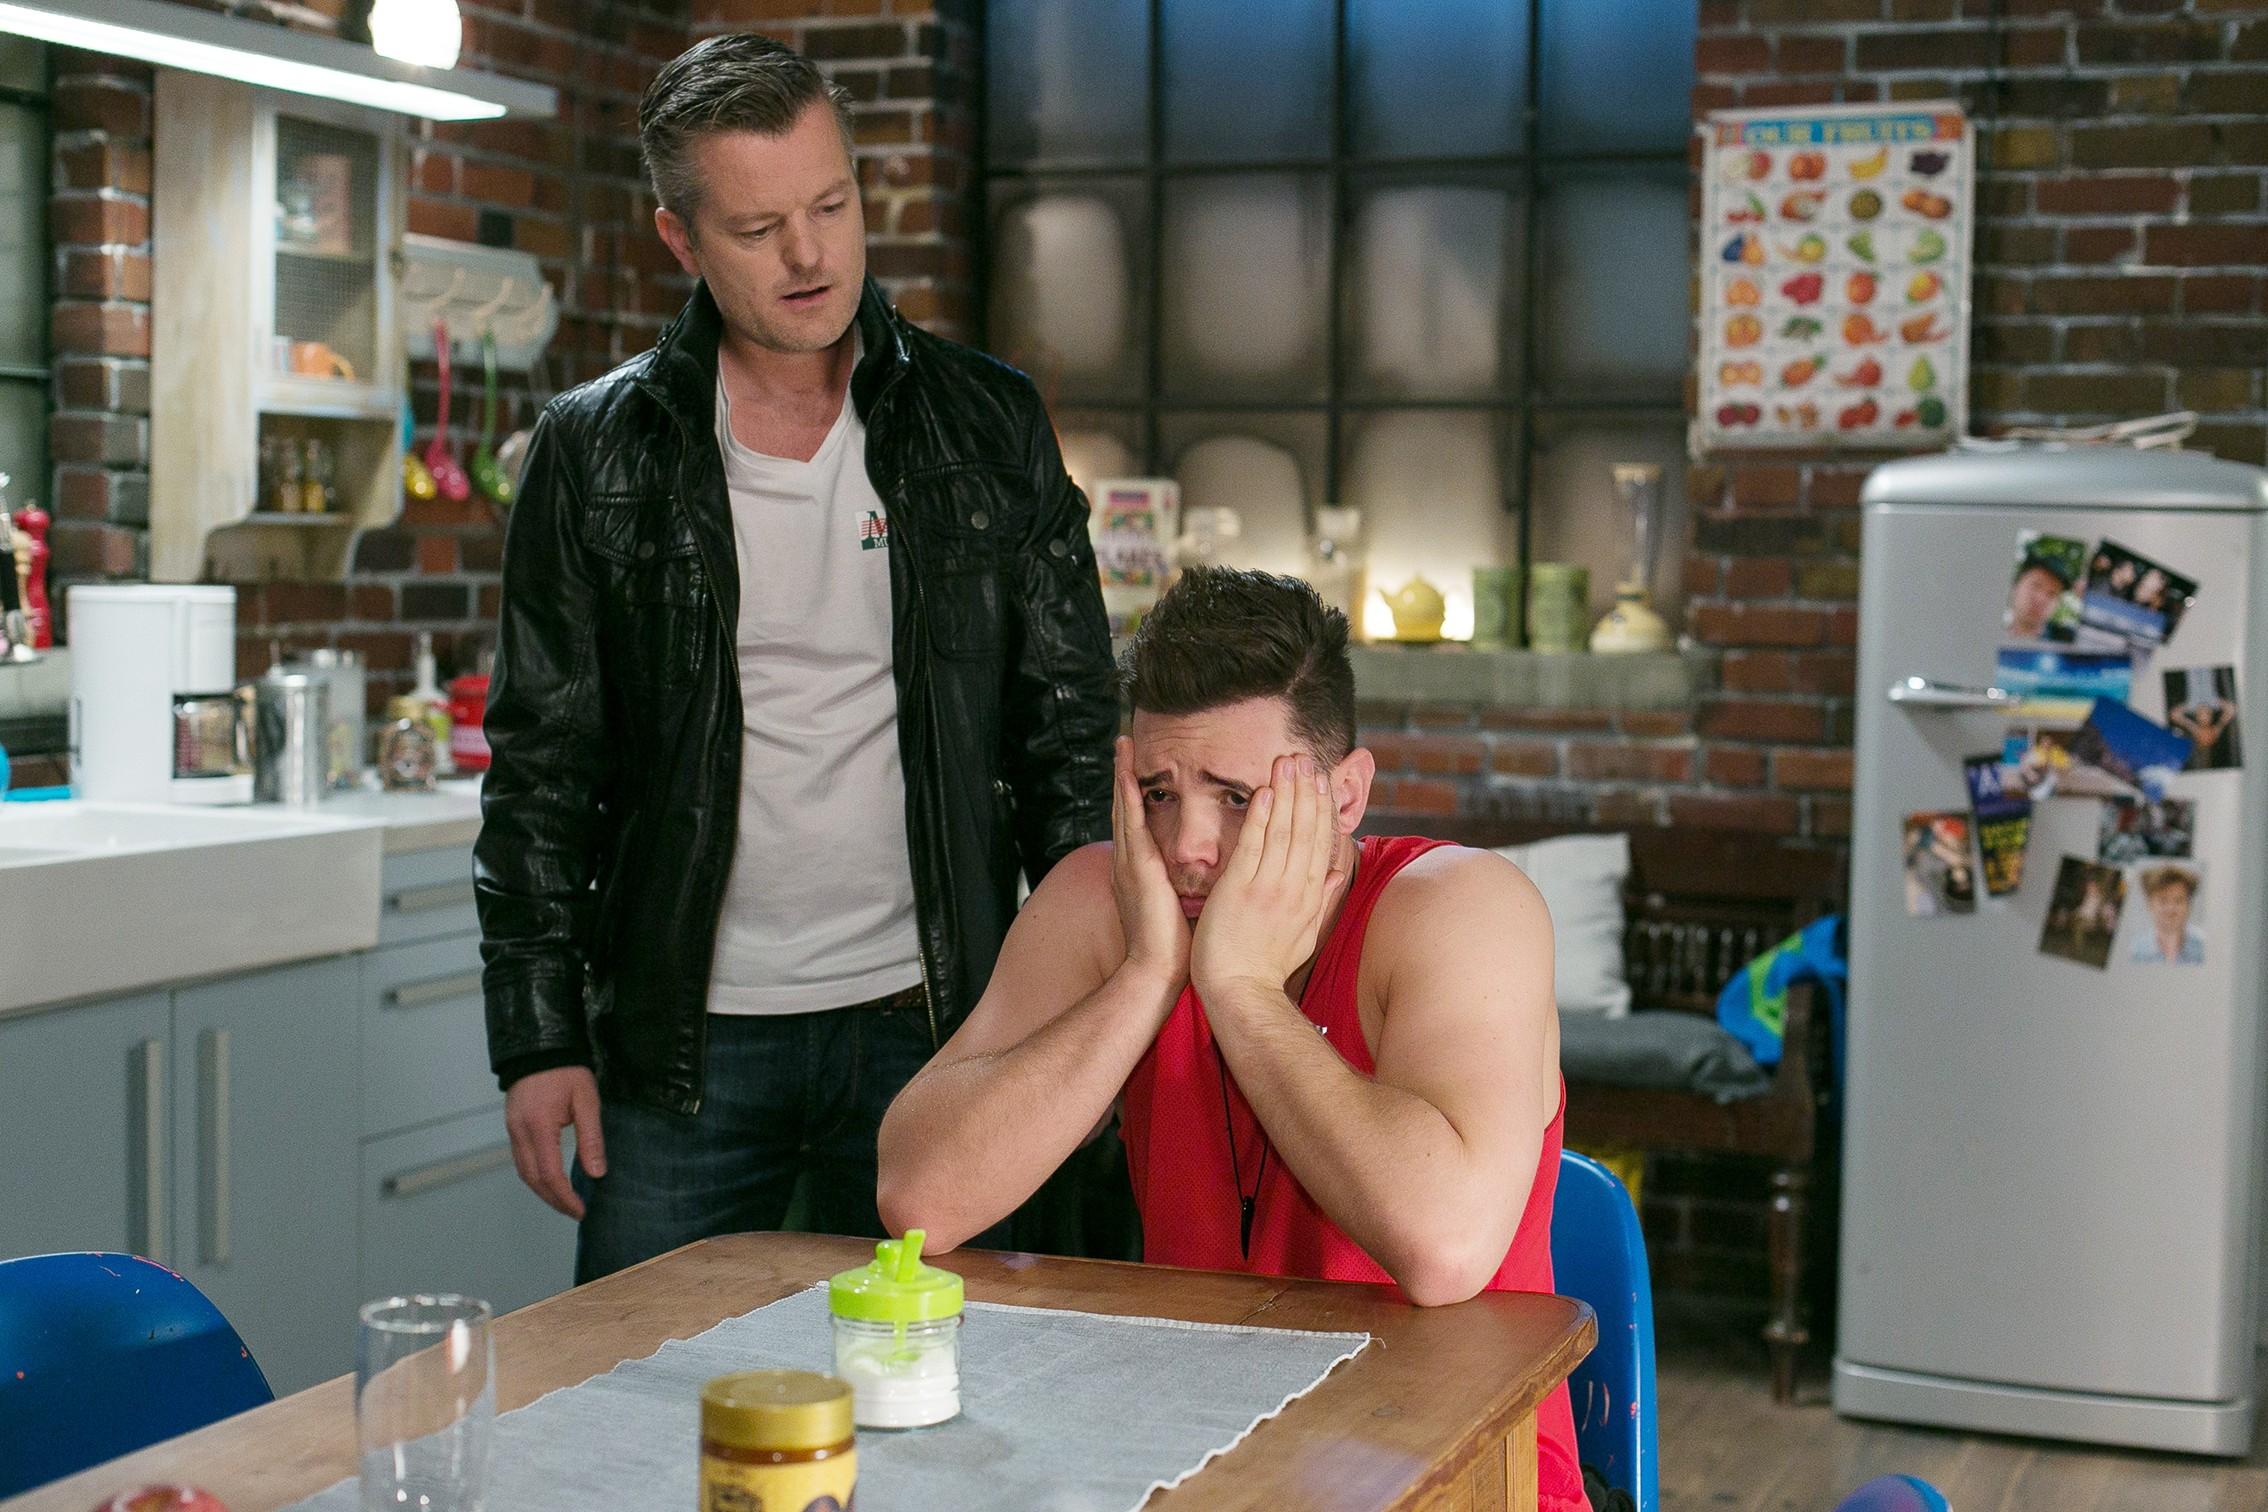 Ingo (André Dietz, l.) macht Ronny (Bela Klentze) schwere Vorwürfe, da er fürchtet, dass er mit Multifriends am Ende ist, weil die Versicherung für den Einbruchsschaden nicht aufkommt. (Quelle: RTL / Kai Schulz)